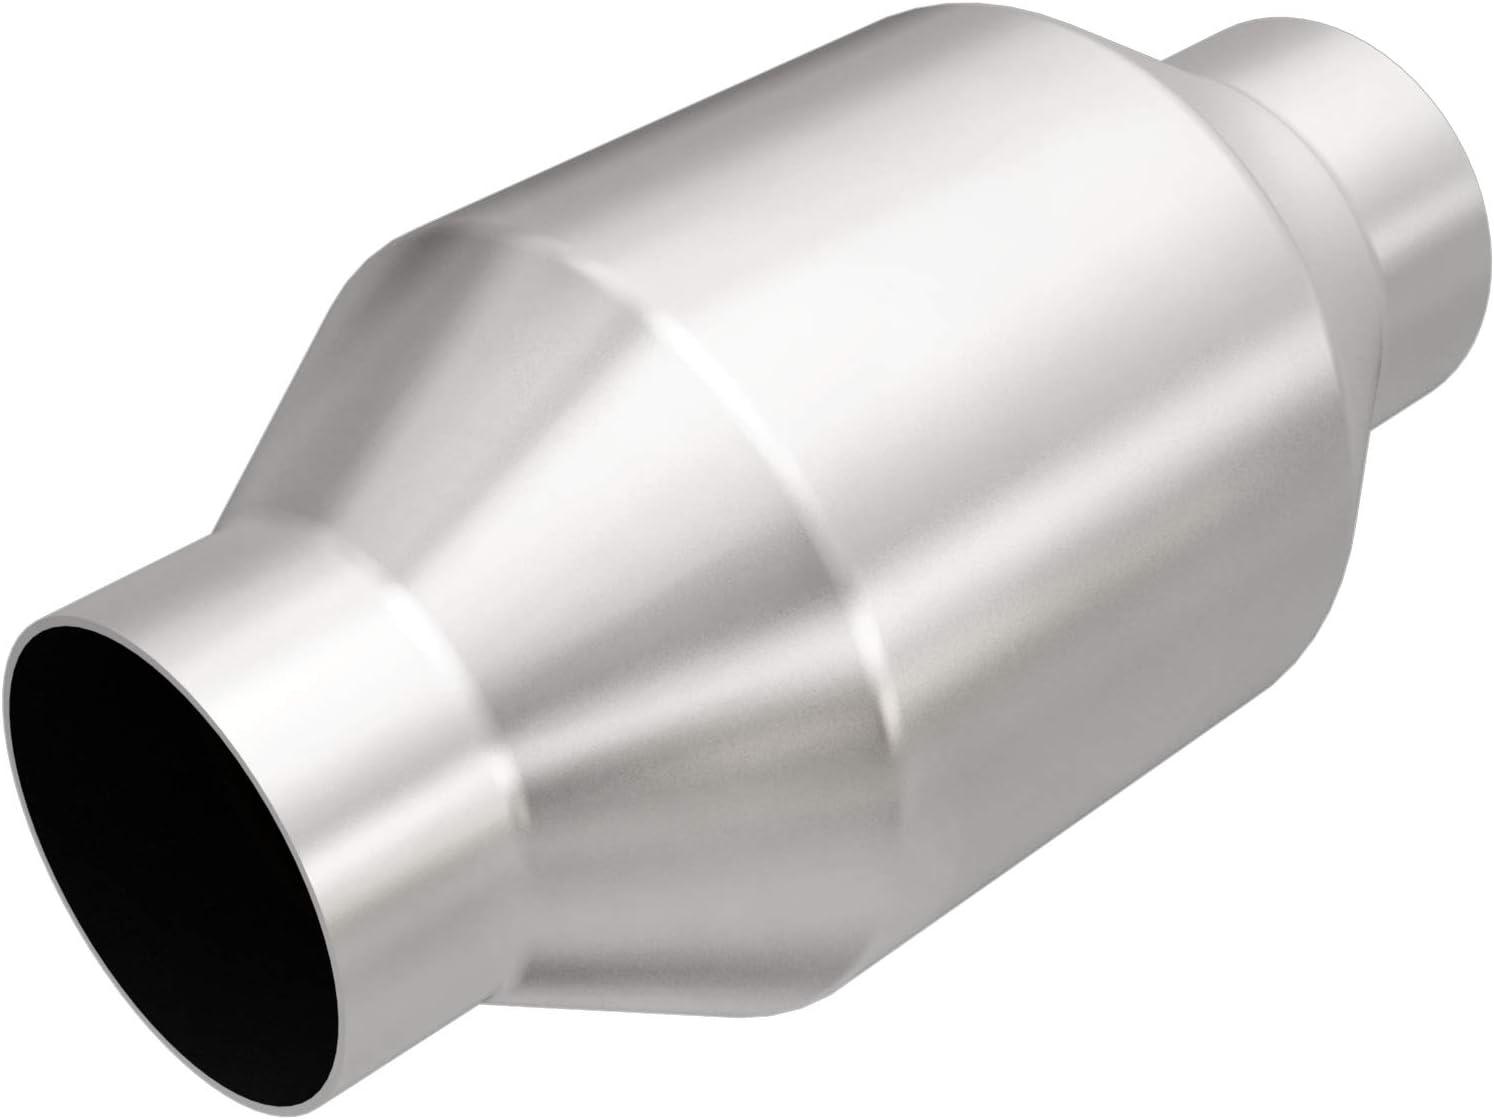 MagnaFlow 99006HM Universal Catalytic Converter Non CARB Compliant